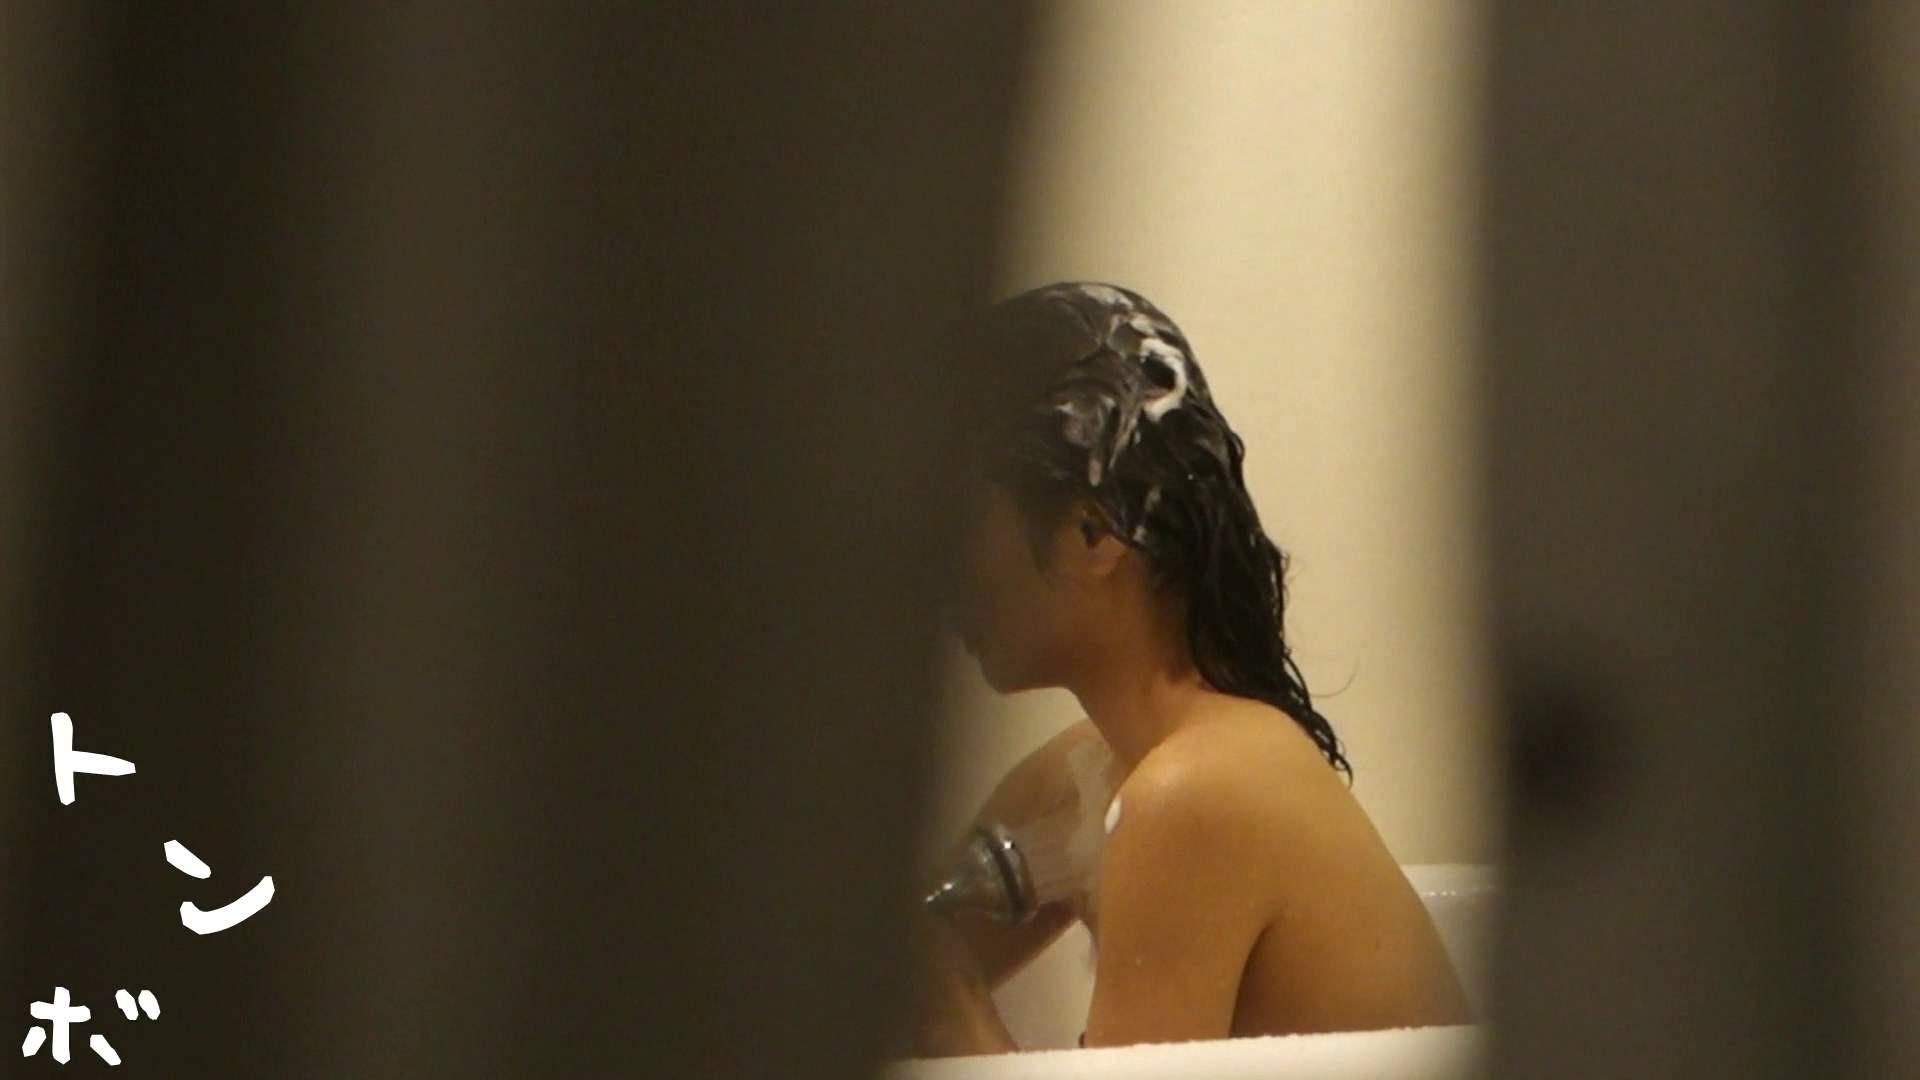 リアル盗撮 現役モデルのシャワーシーン2 美女 | シャワー  90pic 26